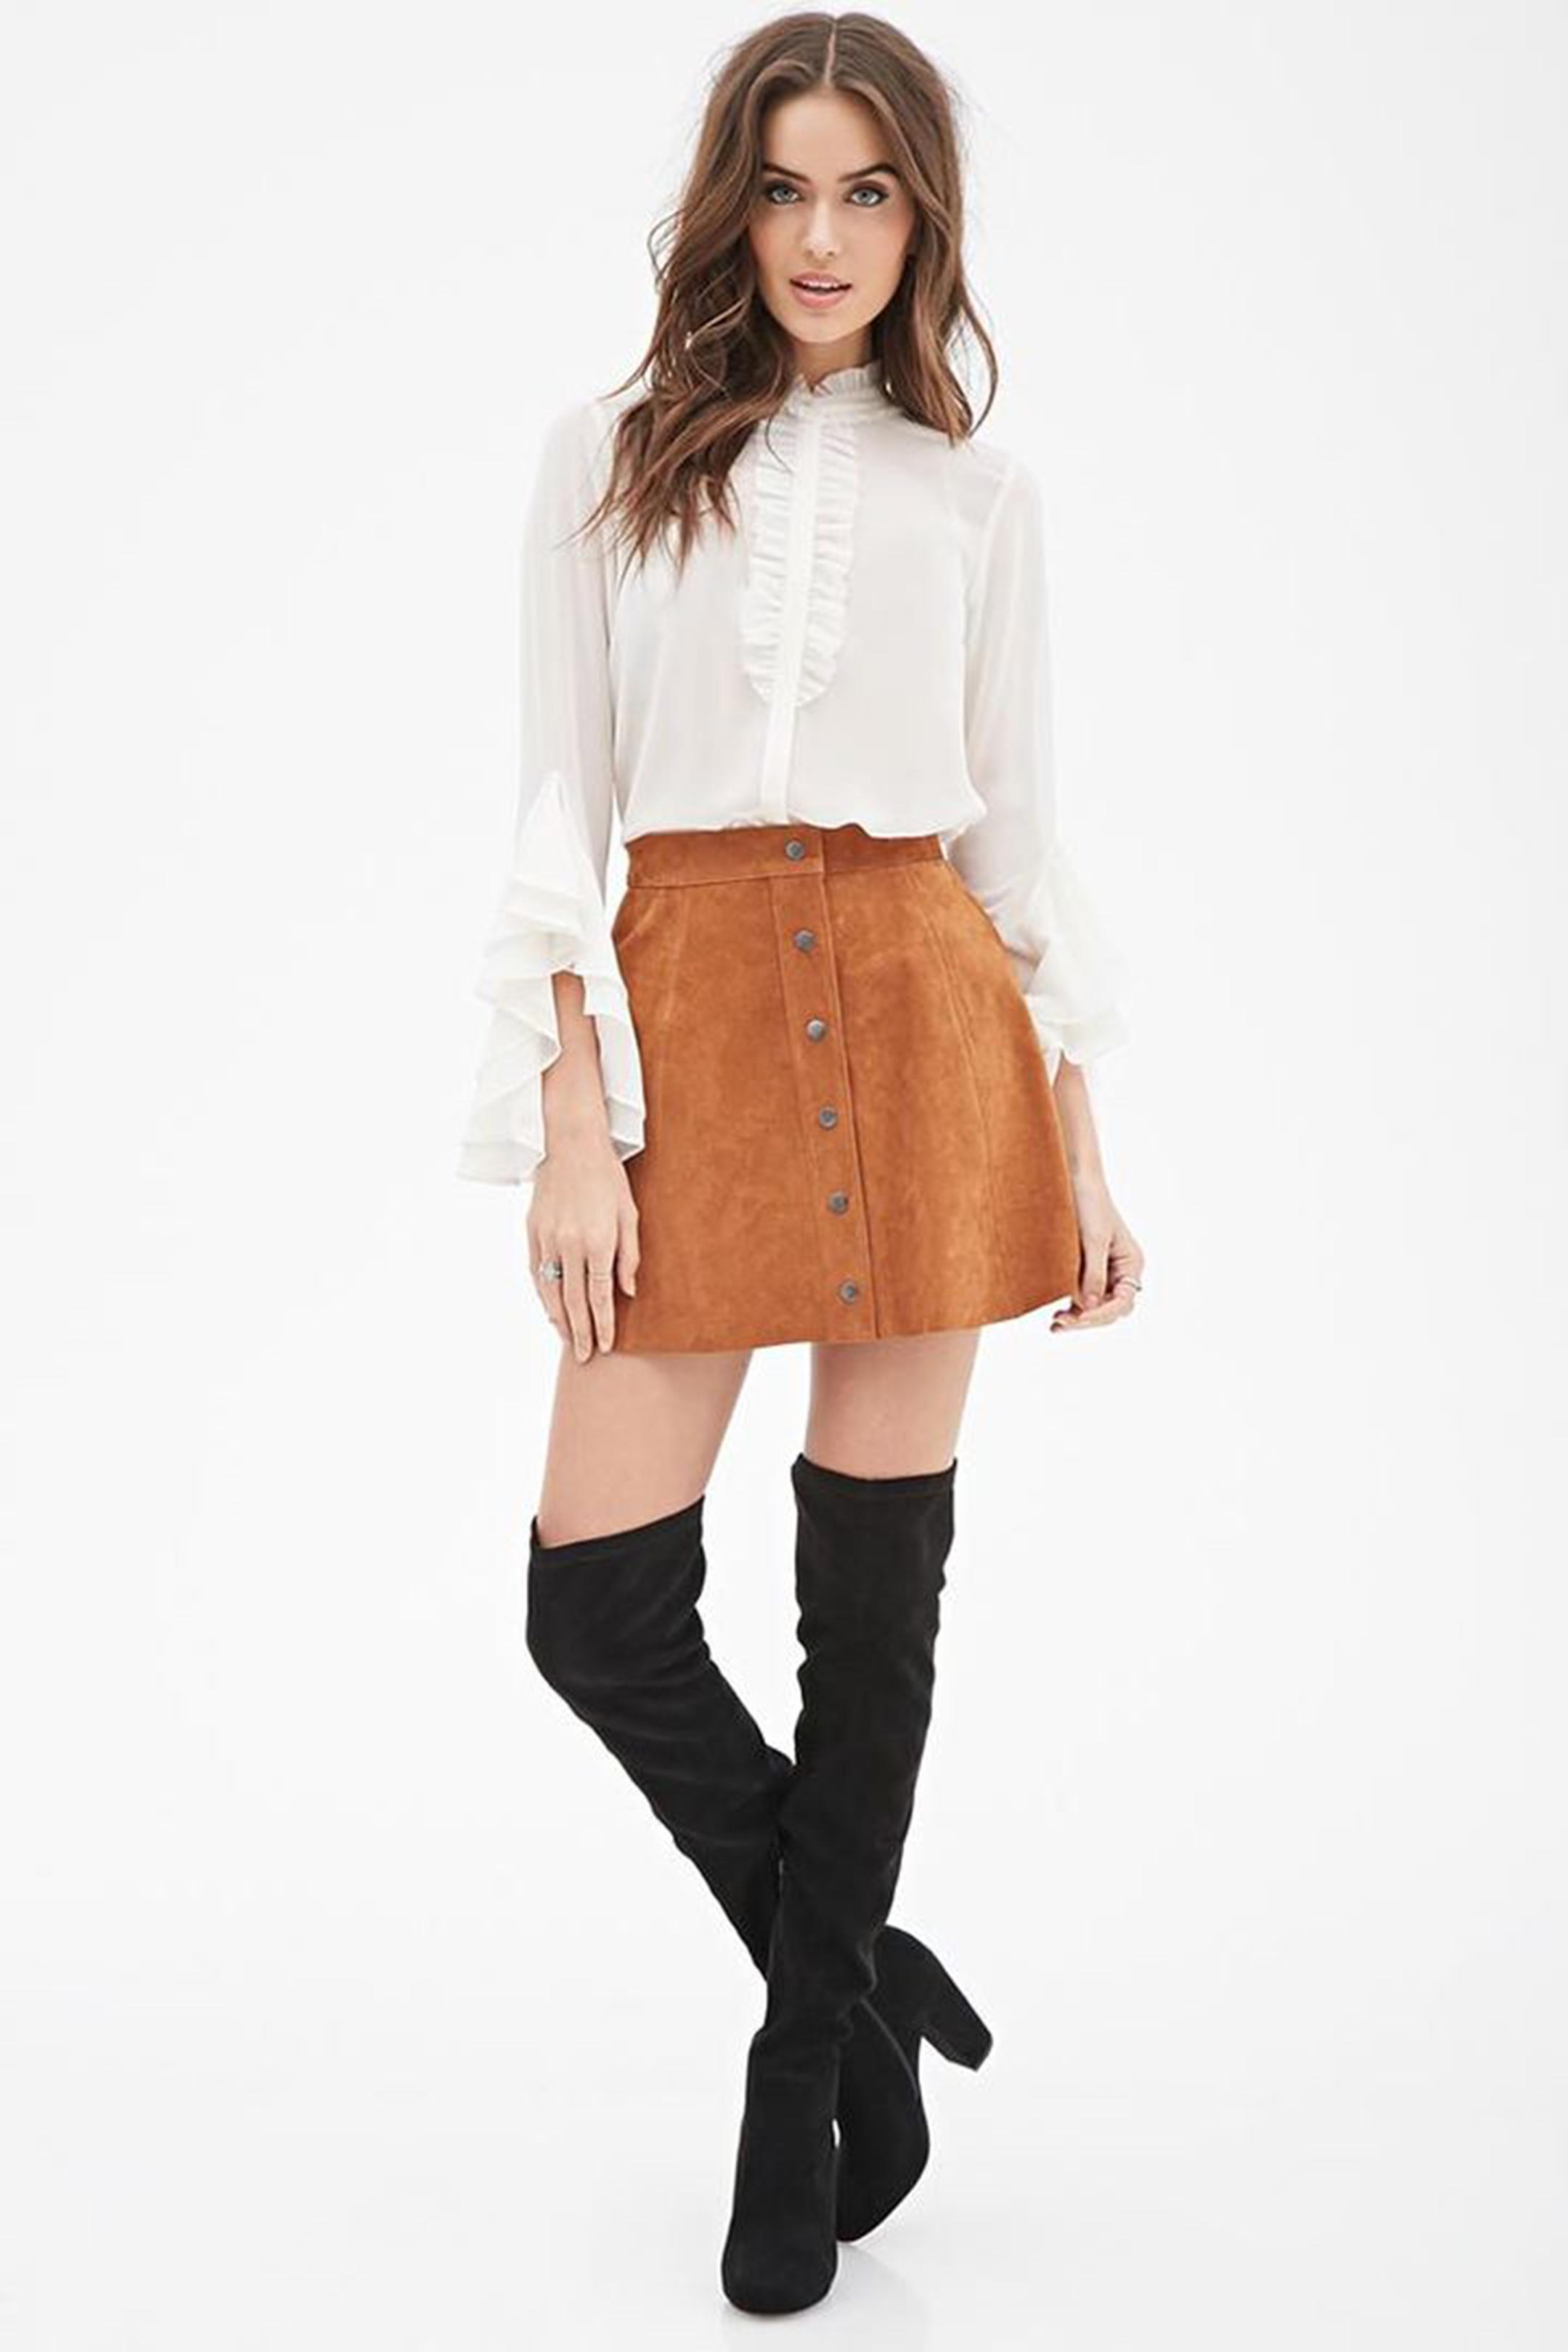 styleshouts-boots